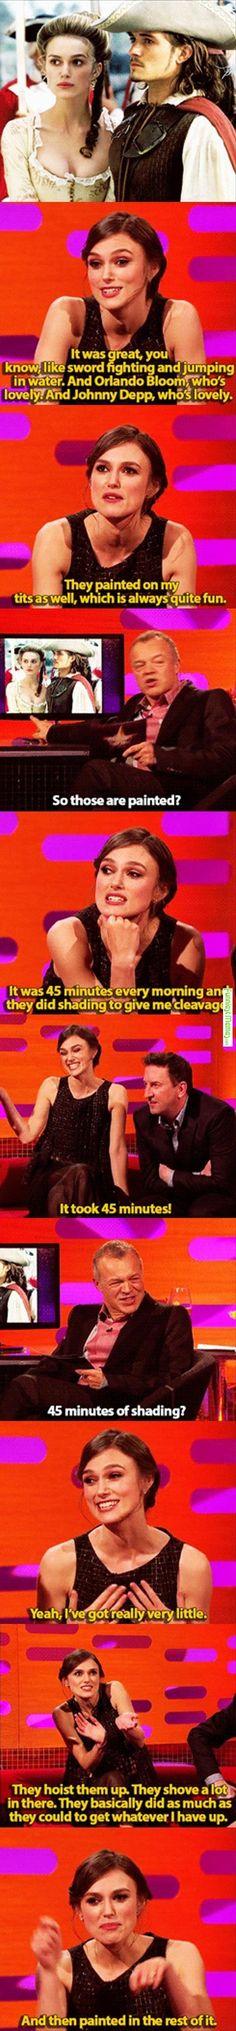 Funny Meme - [Poor Keira Knightley]